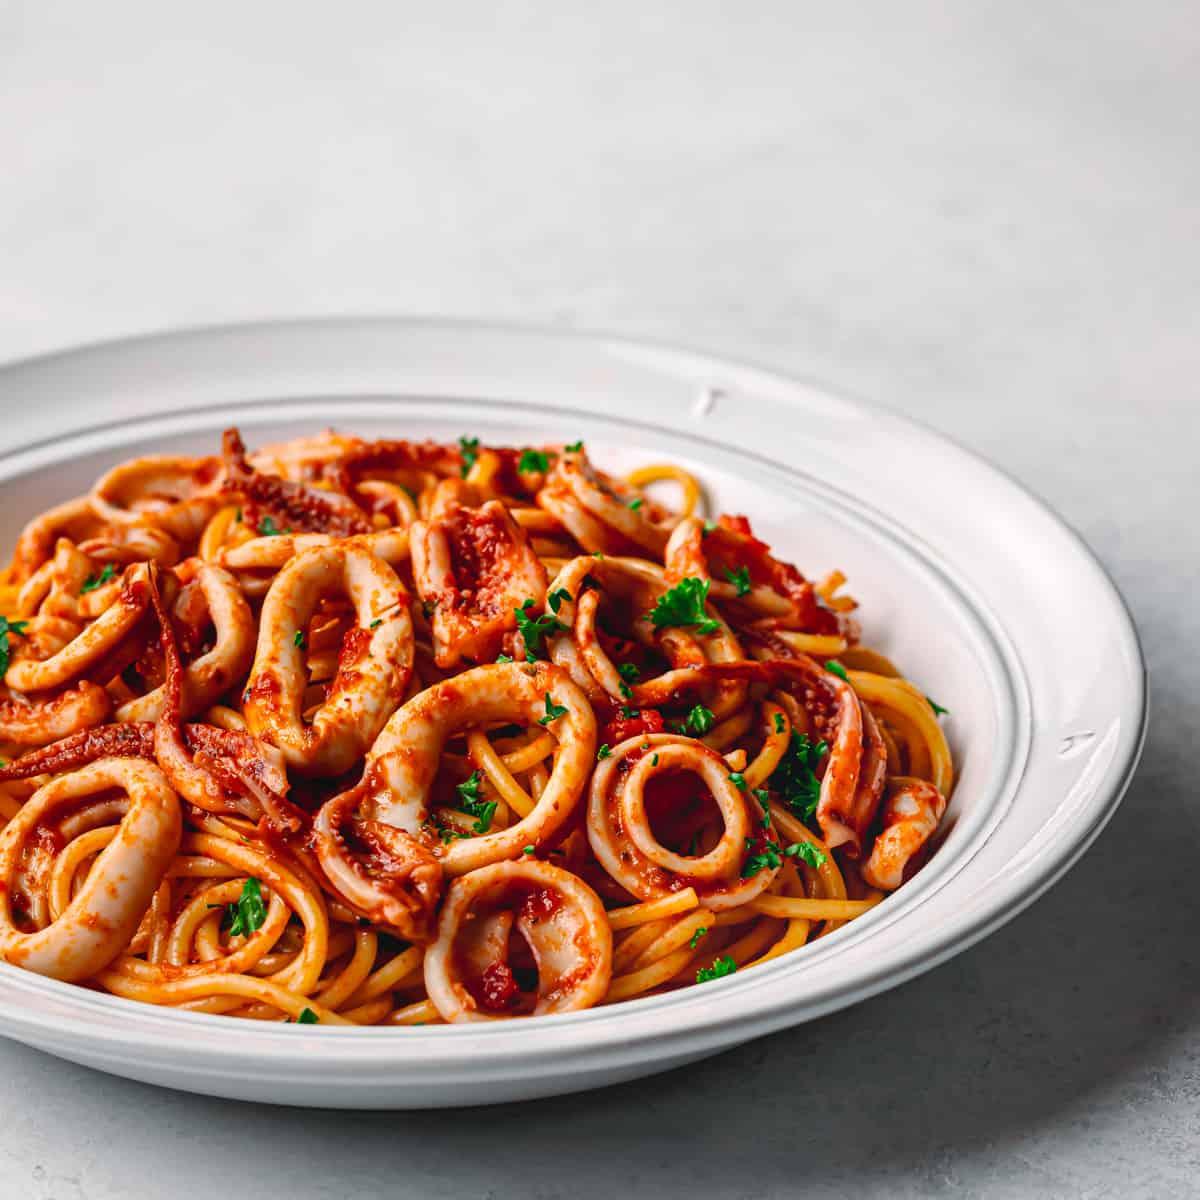 squid pasta with marinara sauce